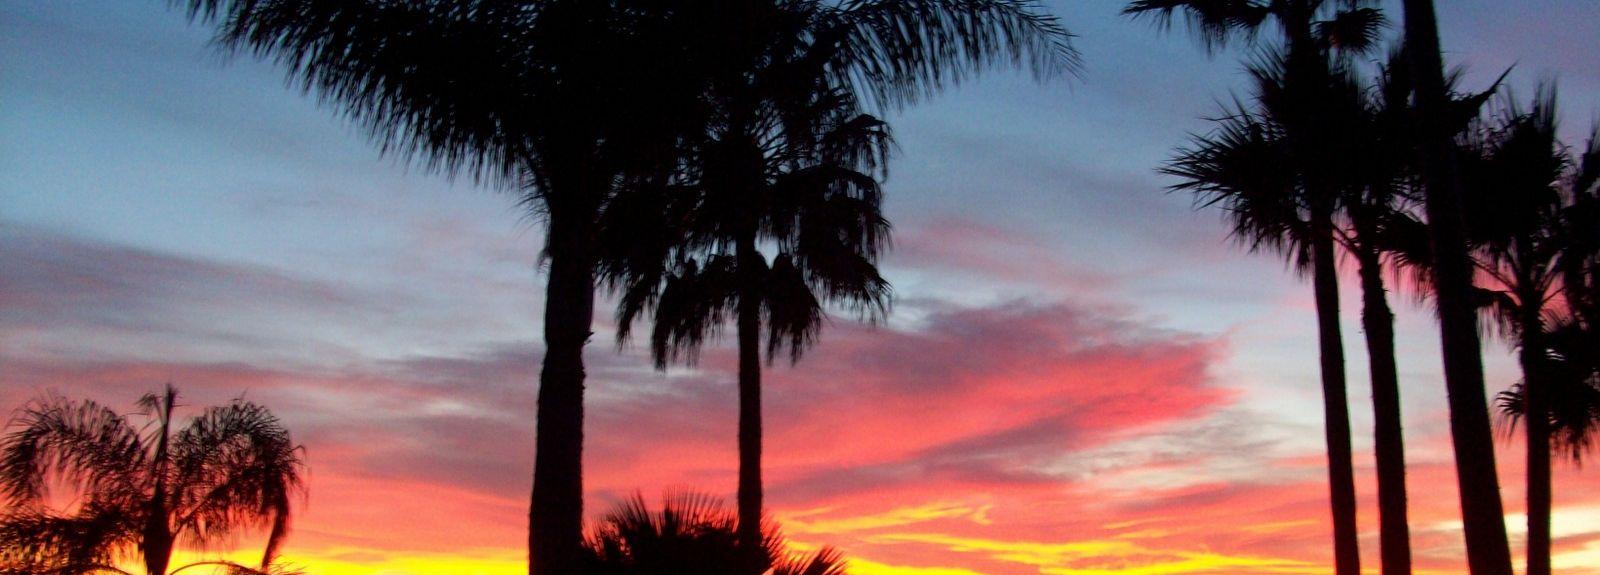 Riviera, Santa Barbara, CA, USA